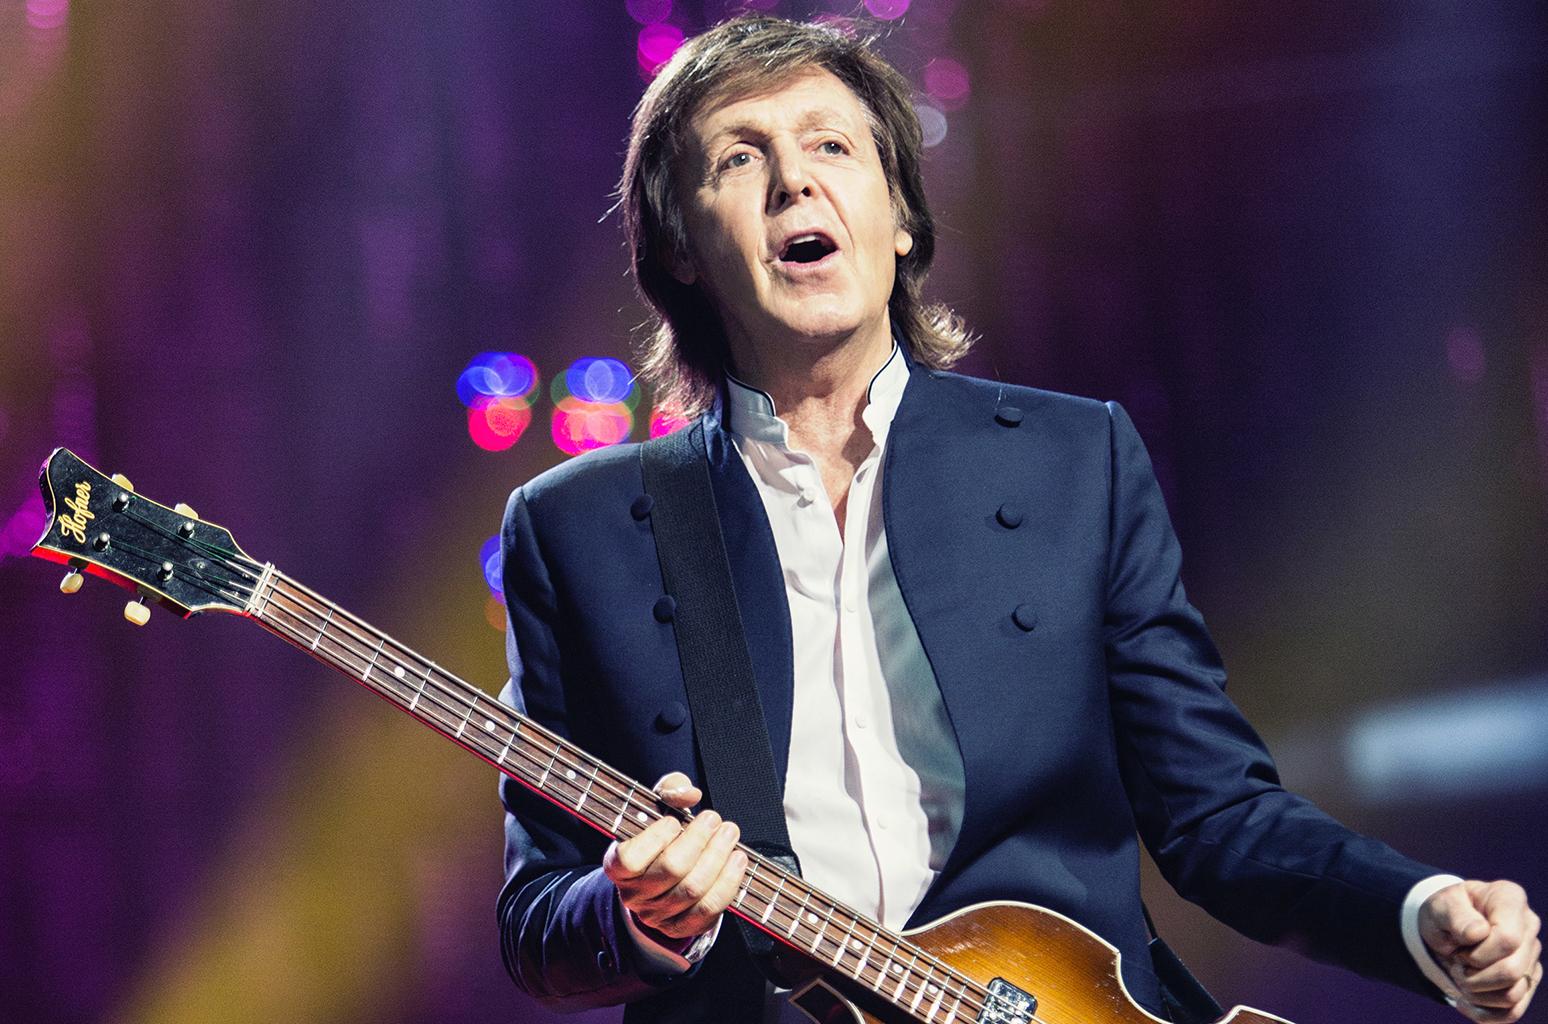 Paul McCartney encabeza las listas de los músicos más ricos